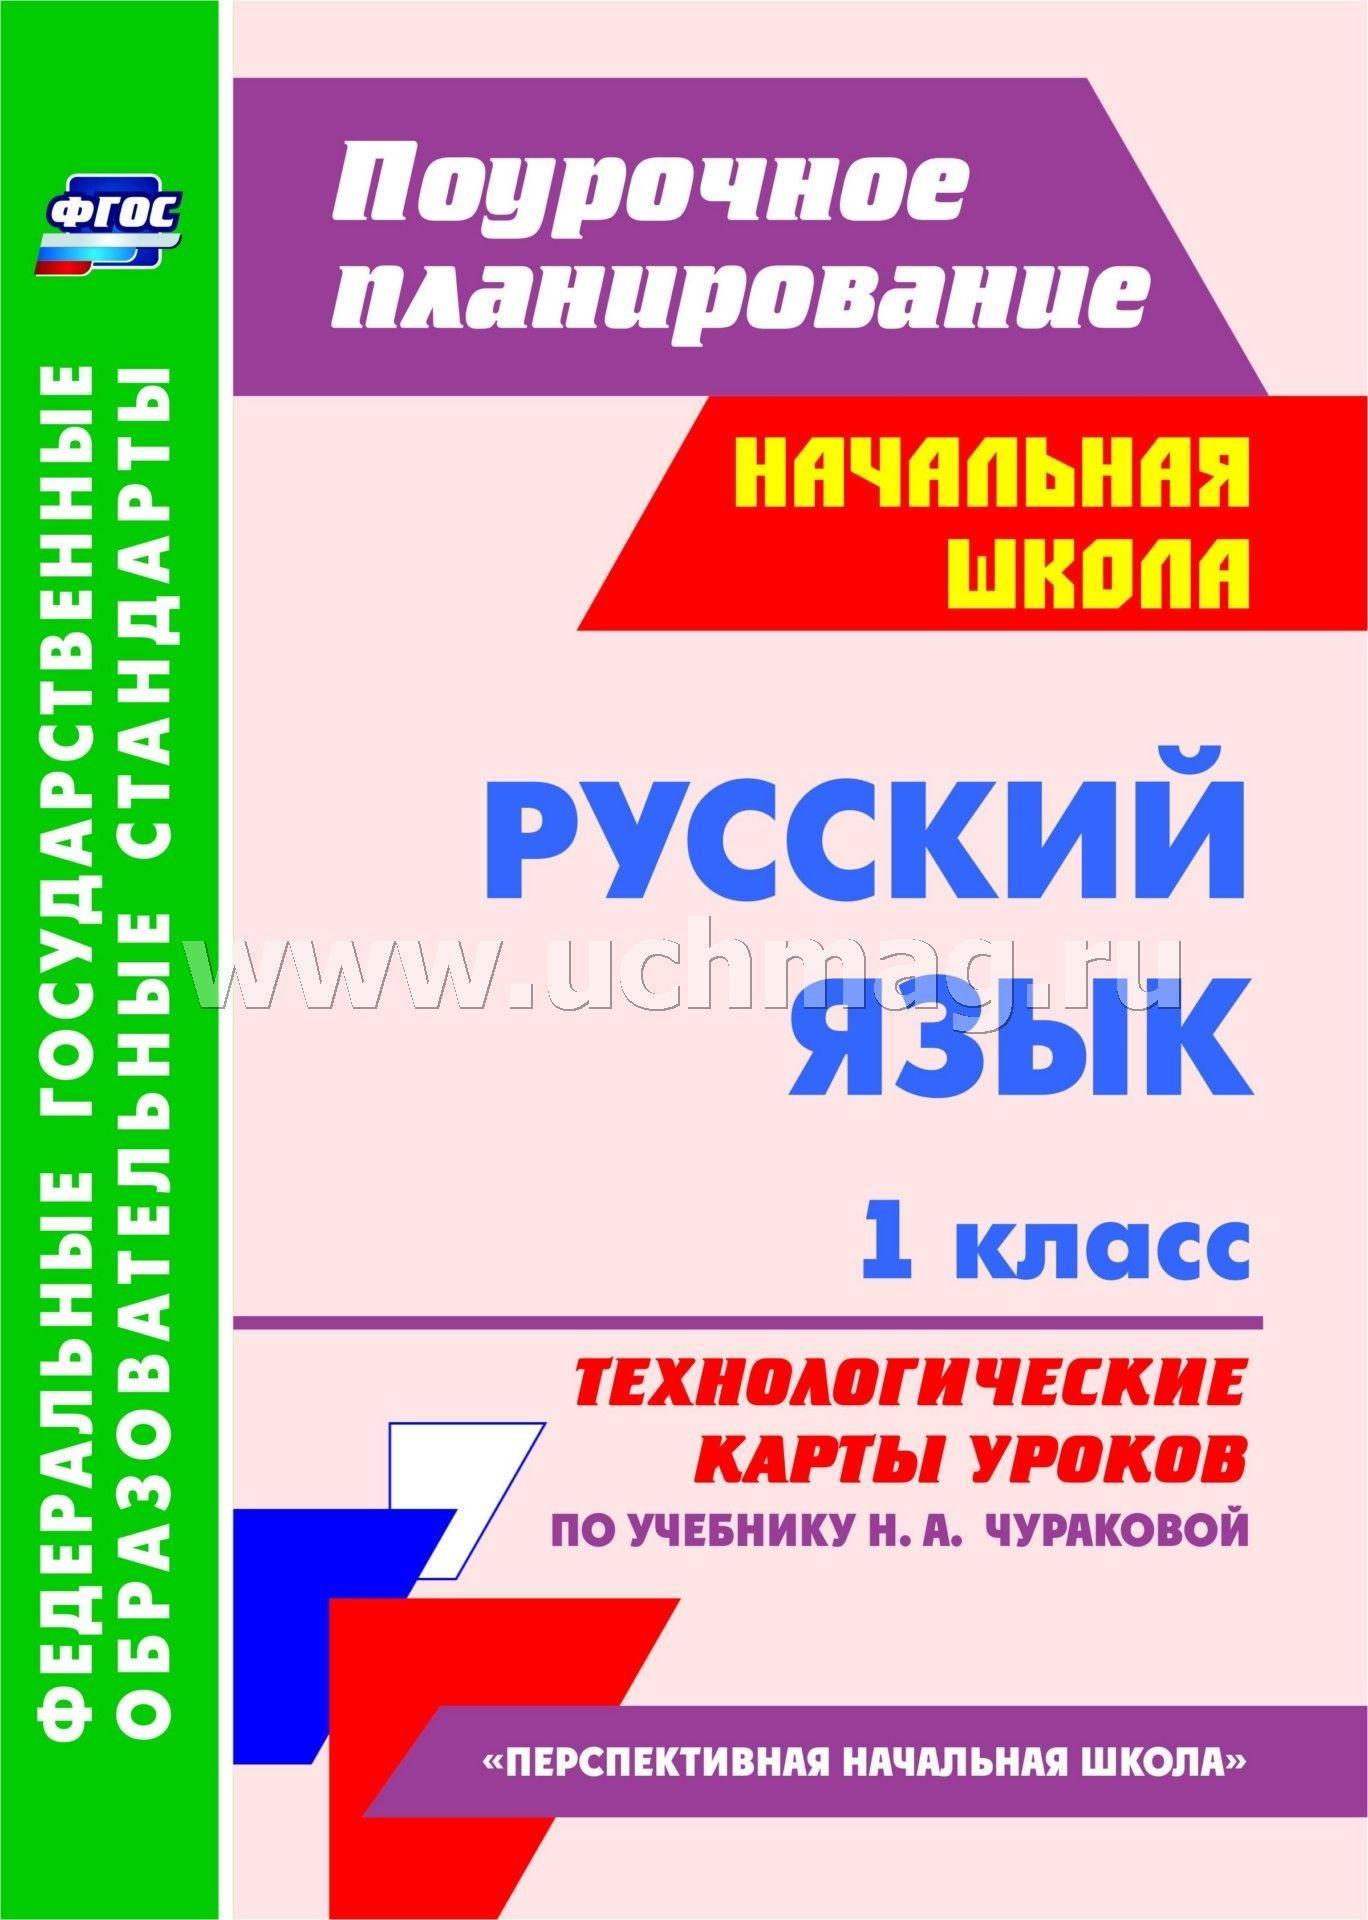 Домашнее задание по математике 4 класс демидова козлова тонких ayp.ru.portal